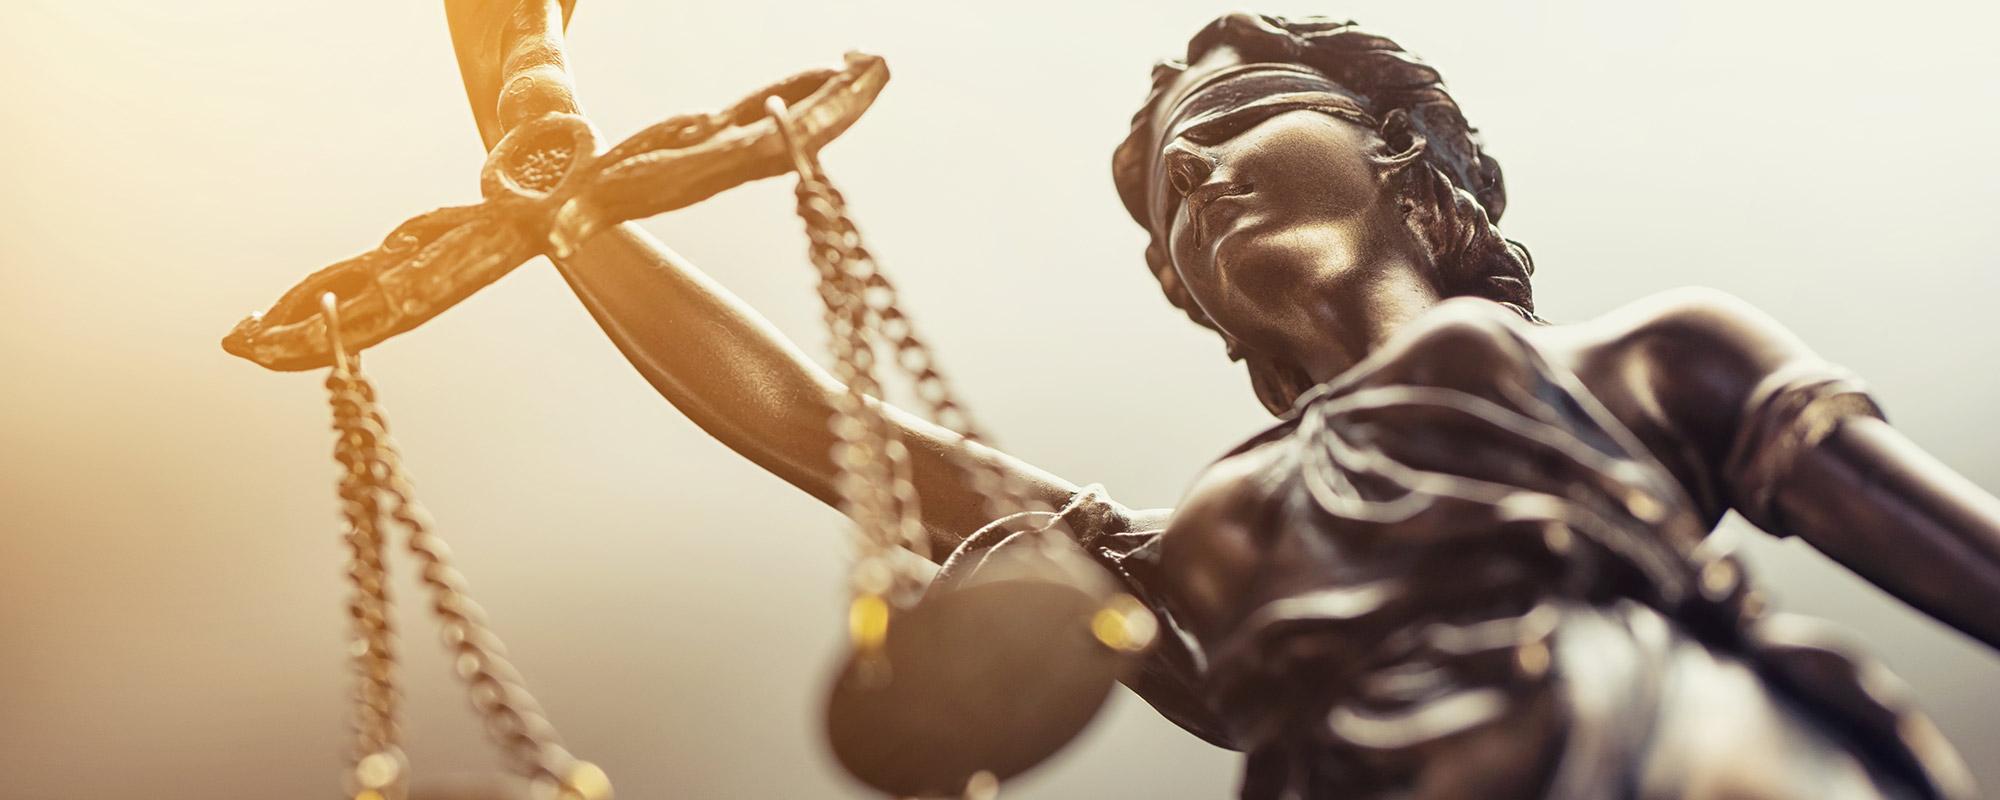 michael-hock-rechtsanwalt-rechtsgebiete